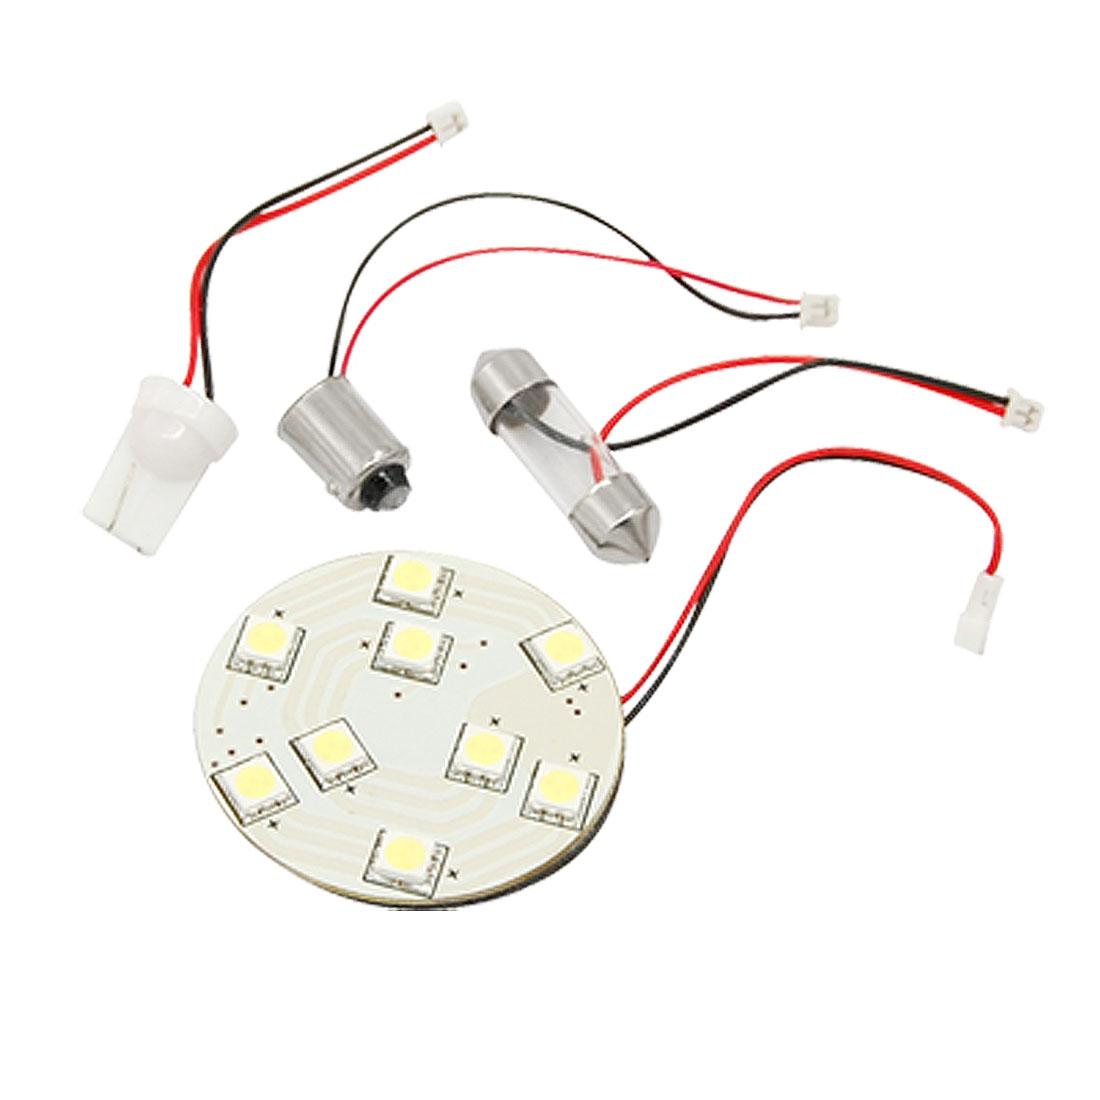 Car Roof 9 LED 5050 SMD Light Lamp Bulb White + Festoon Adapter